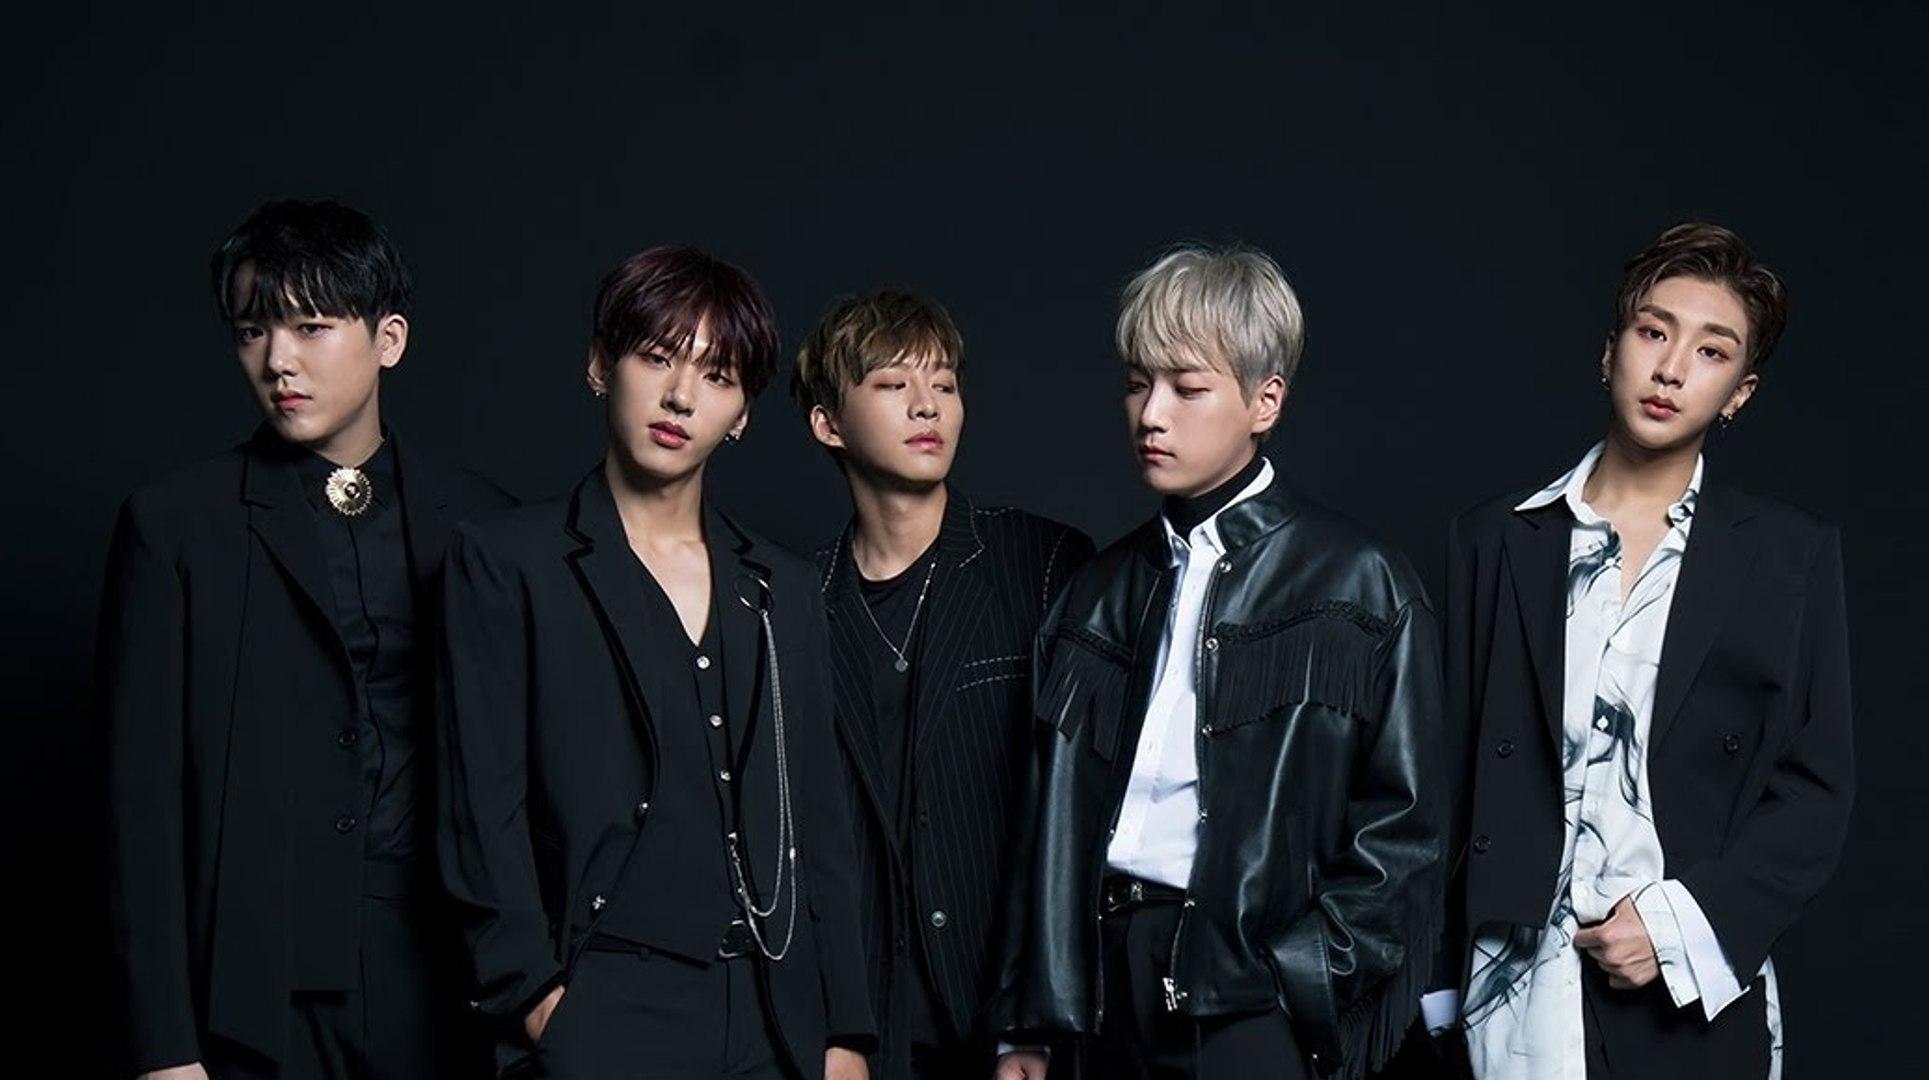 فرقة كورية تطلق أغنية باللغة العربية عن فيروس كورونا